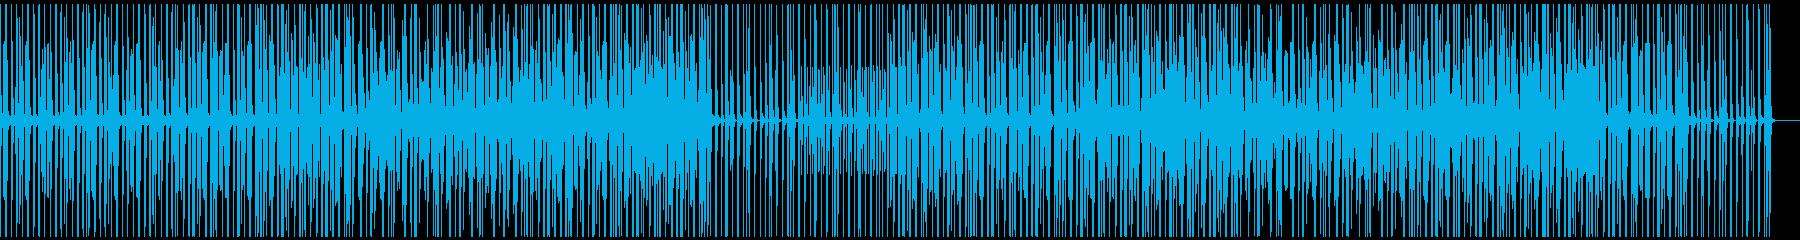 ロボット、民族音楽、サイボーグ、アジアンの再生済みの波形